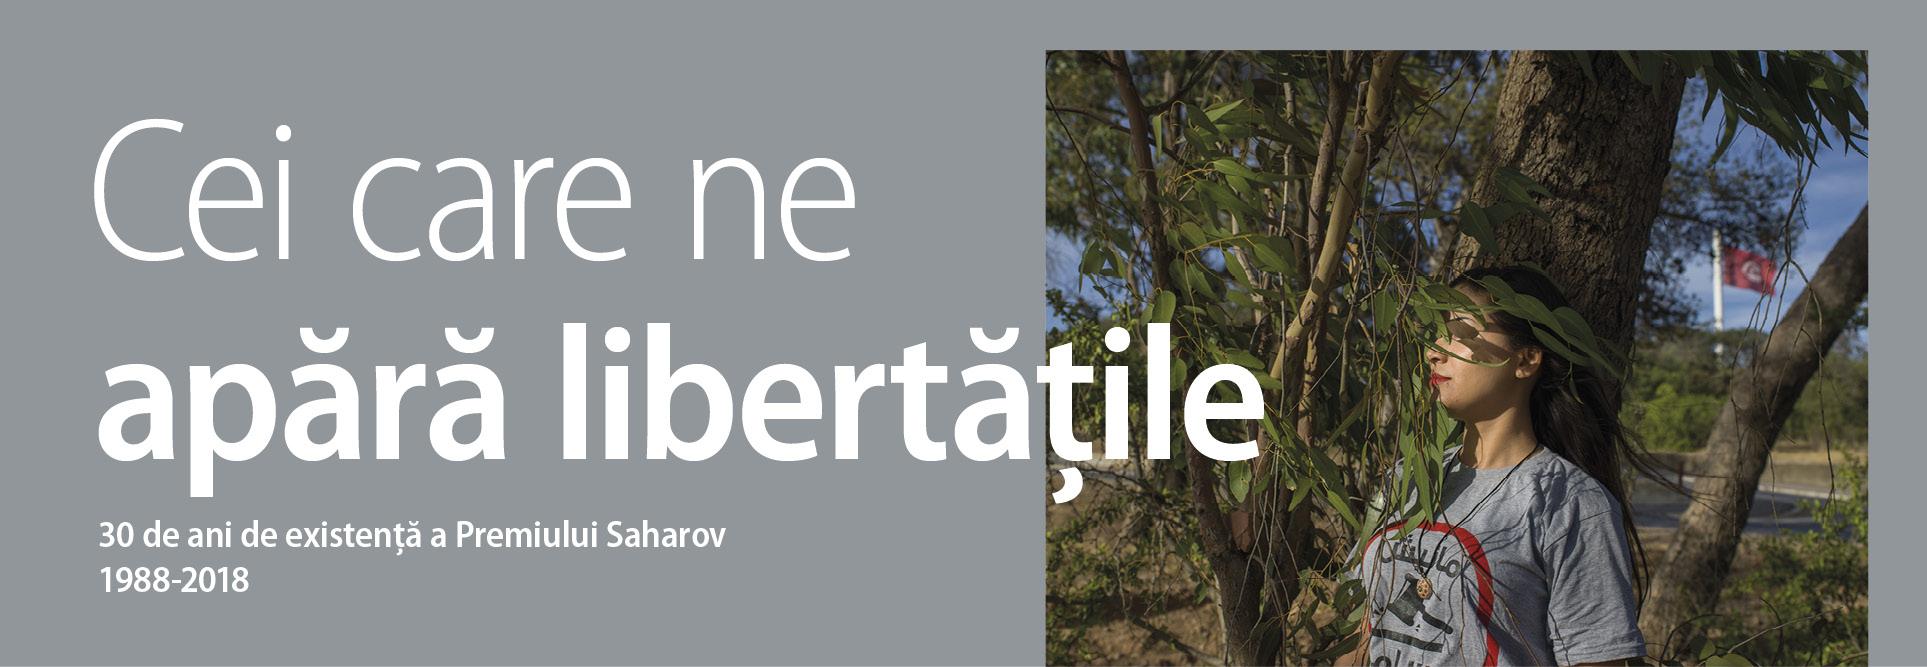 Cei care ne apără libertățile 30 de ani de existență a Premiului Saharov 1988-2018